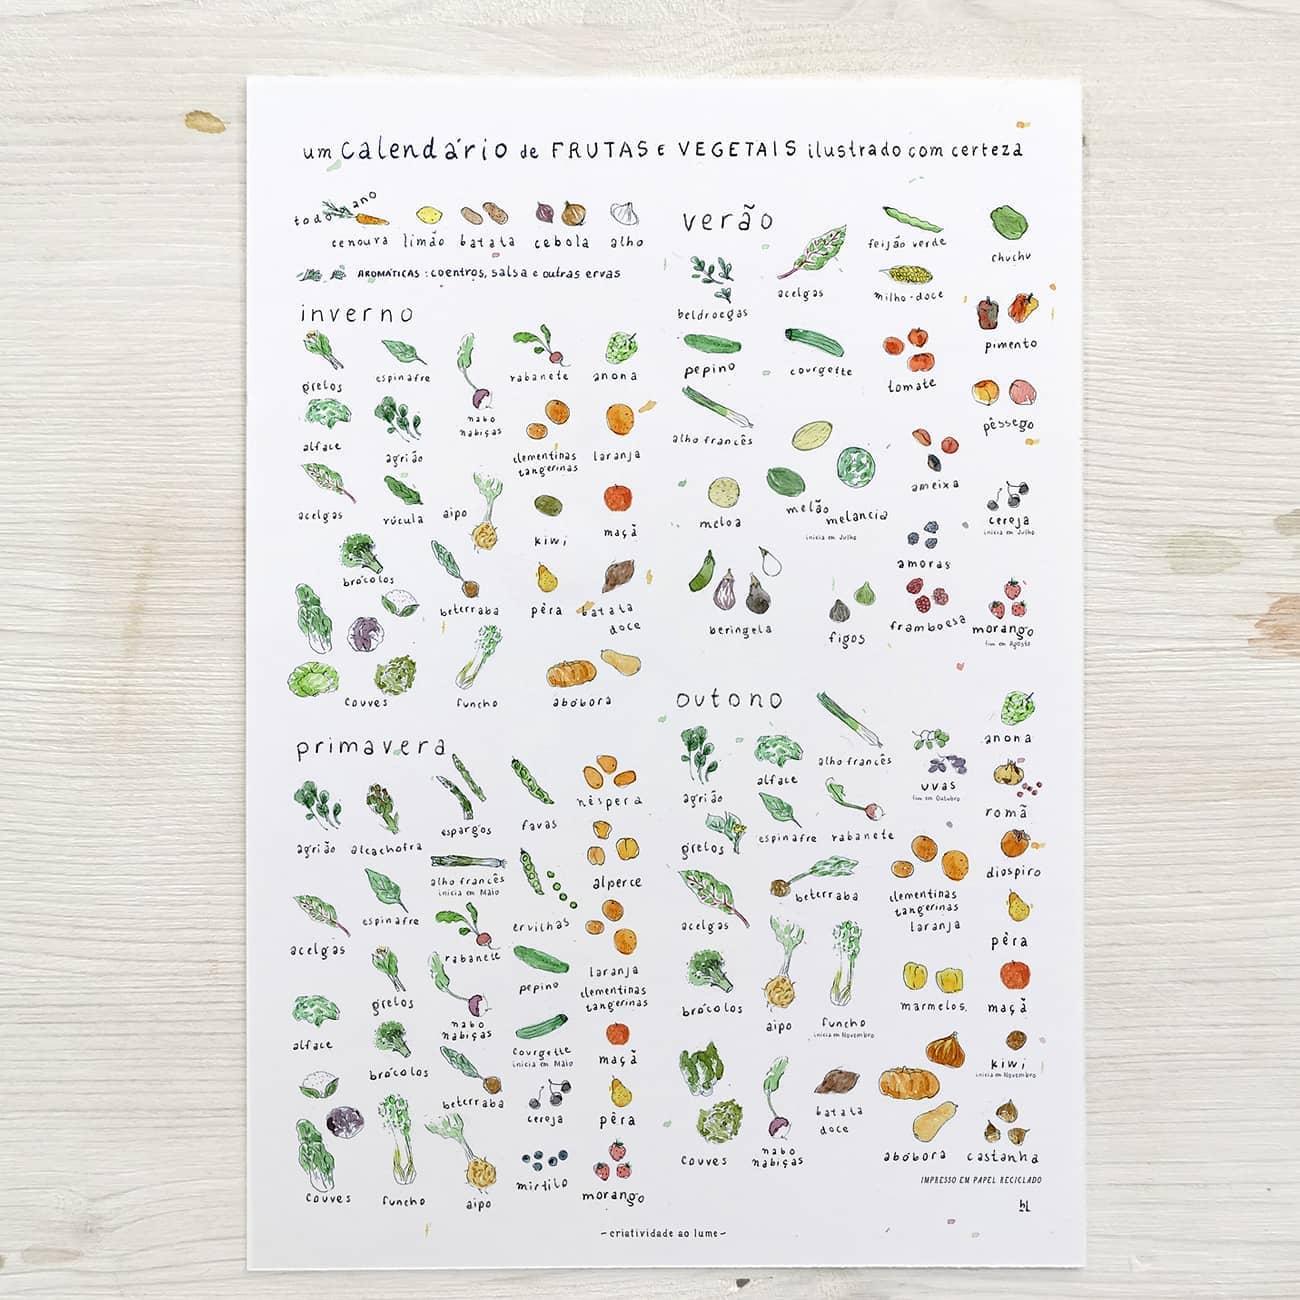 Calendário de alimentos da época